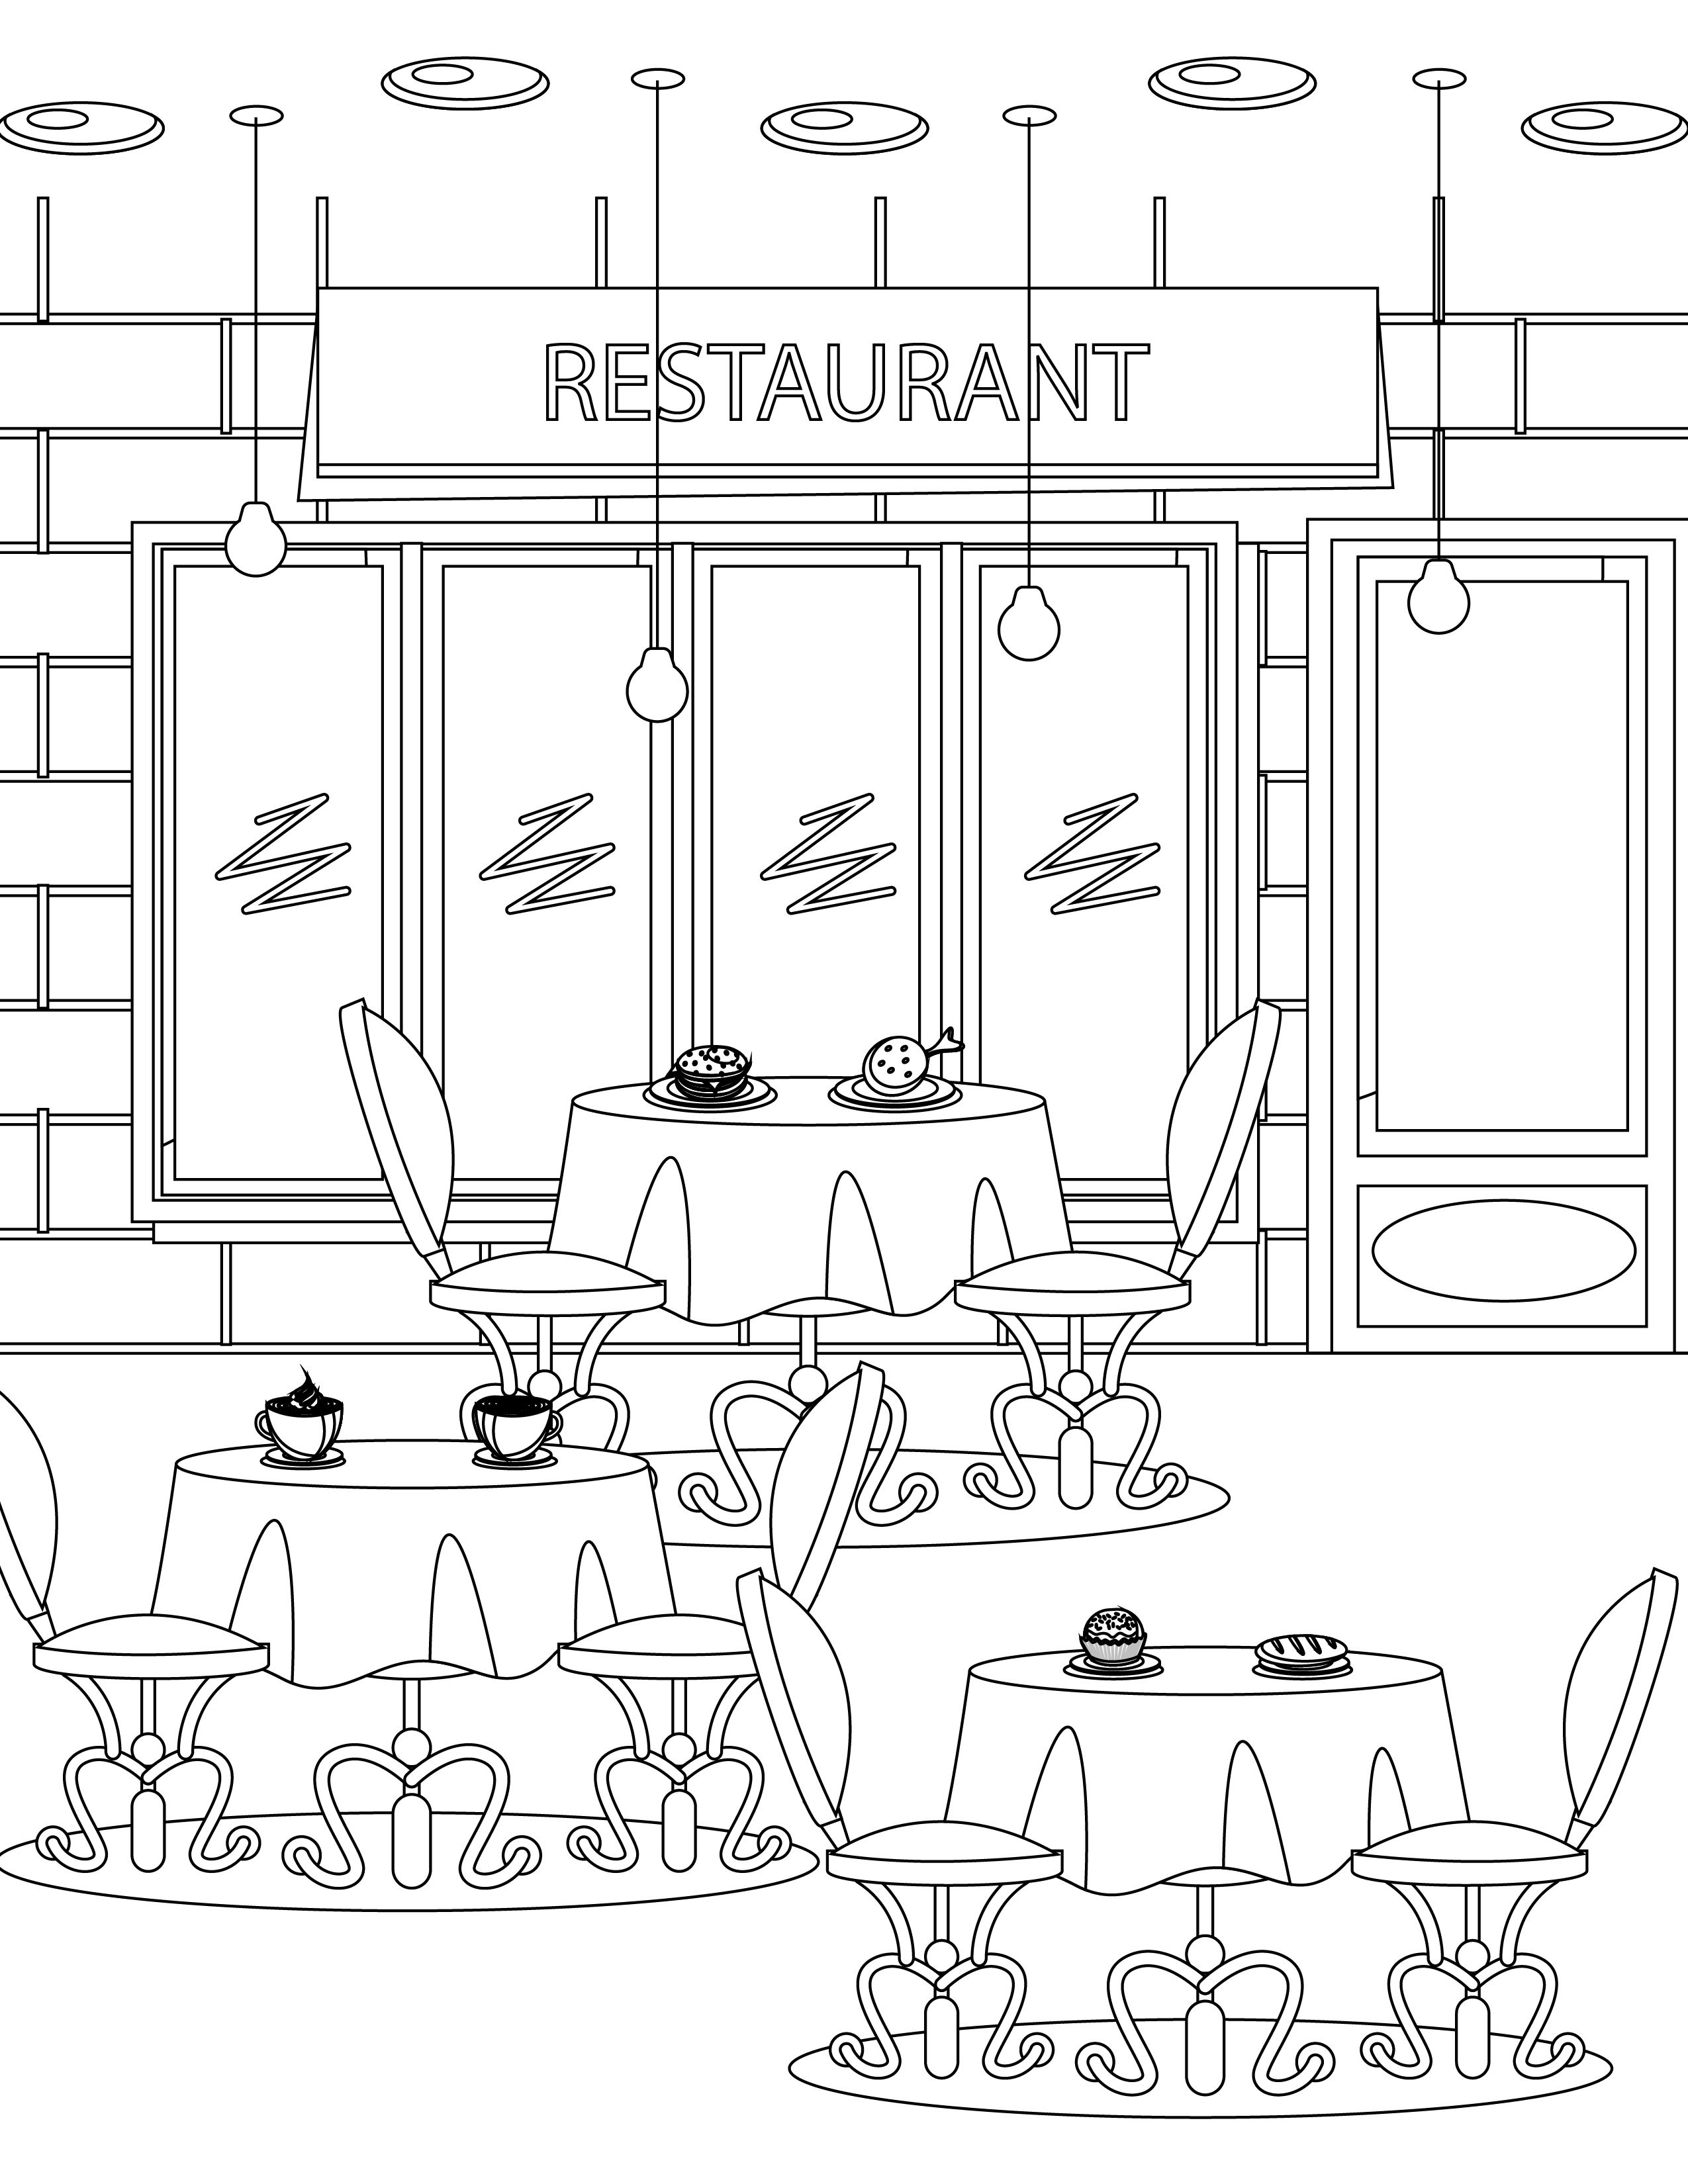 Imprimer Coloriage Tous Au Restaurant 2016 Coloring Pages Adult